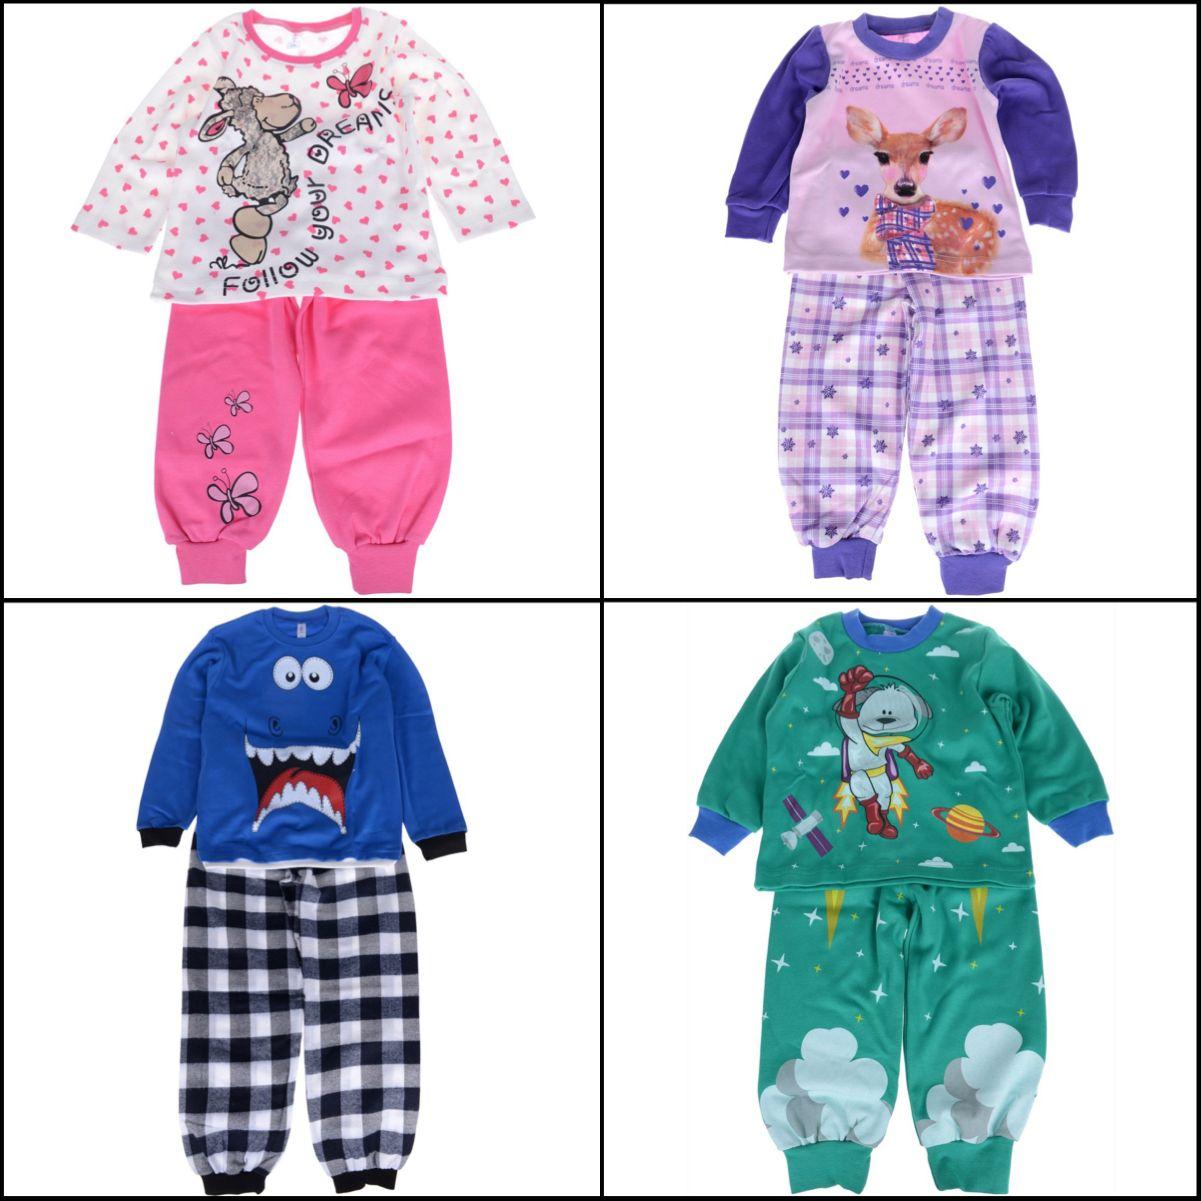 Οι κορυφαίες παιδικές πιτζάμες Dreams (ελληνικής